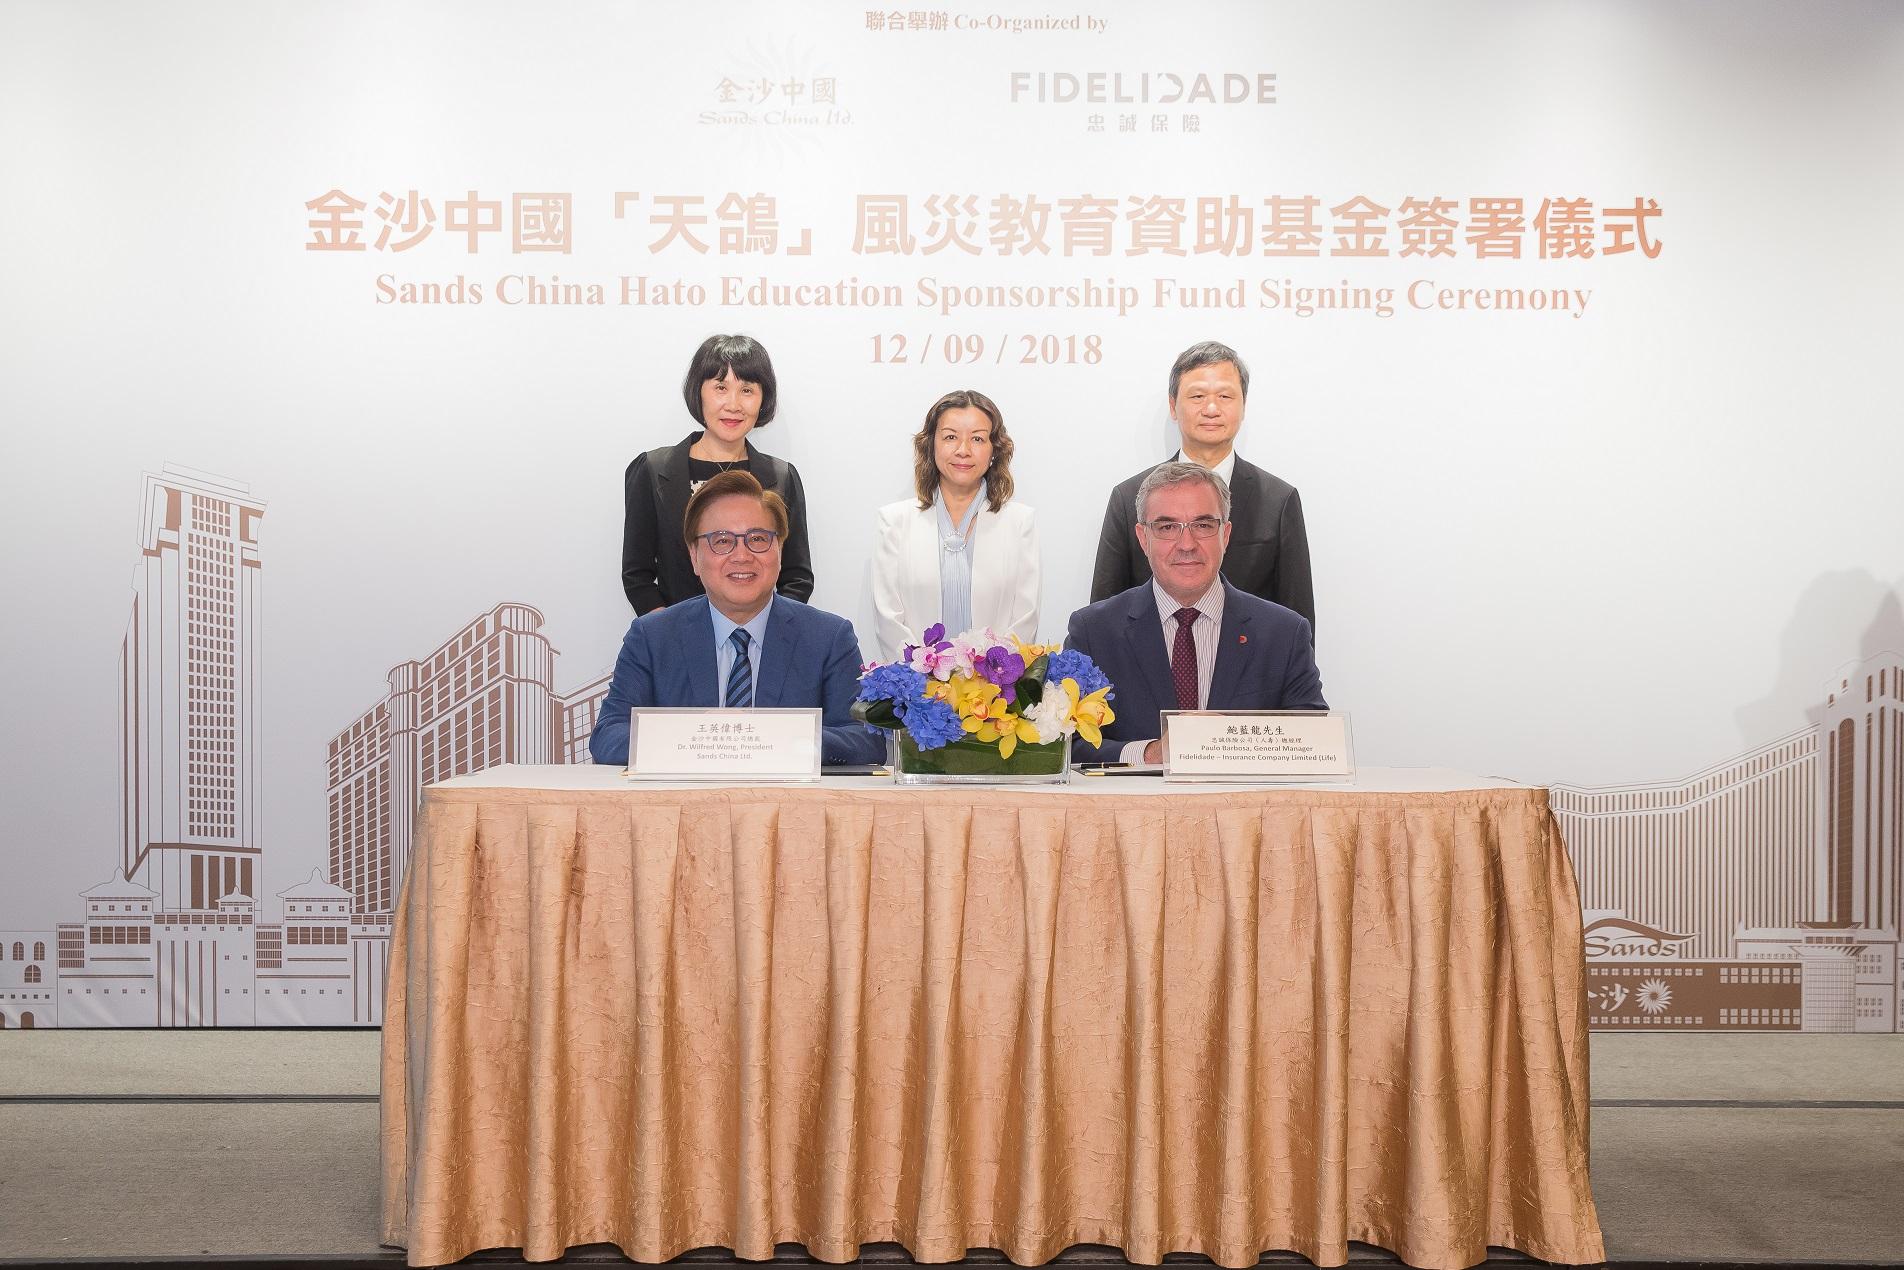 「天鴿」風災教育資助基金簽署儀式 - 金沙中國